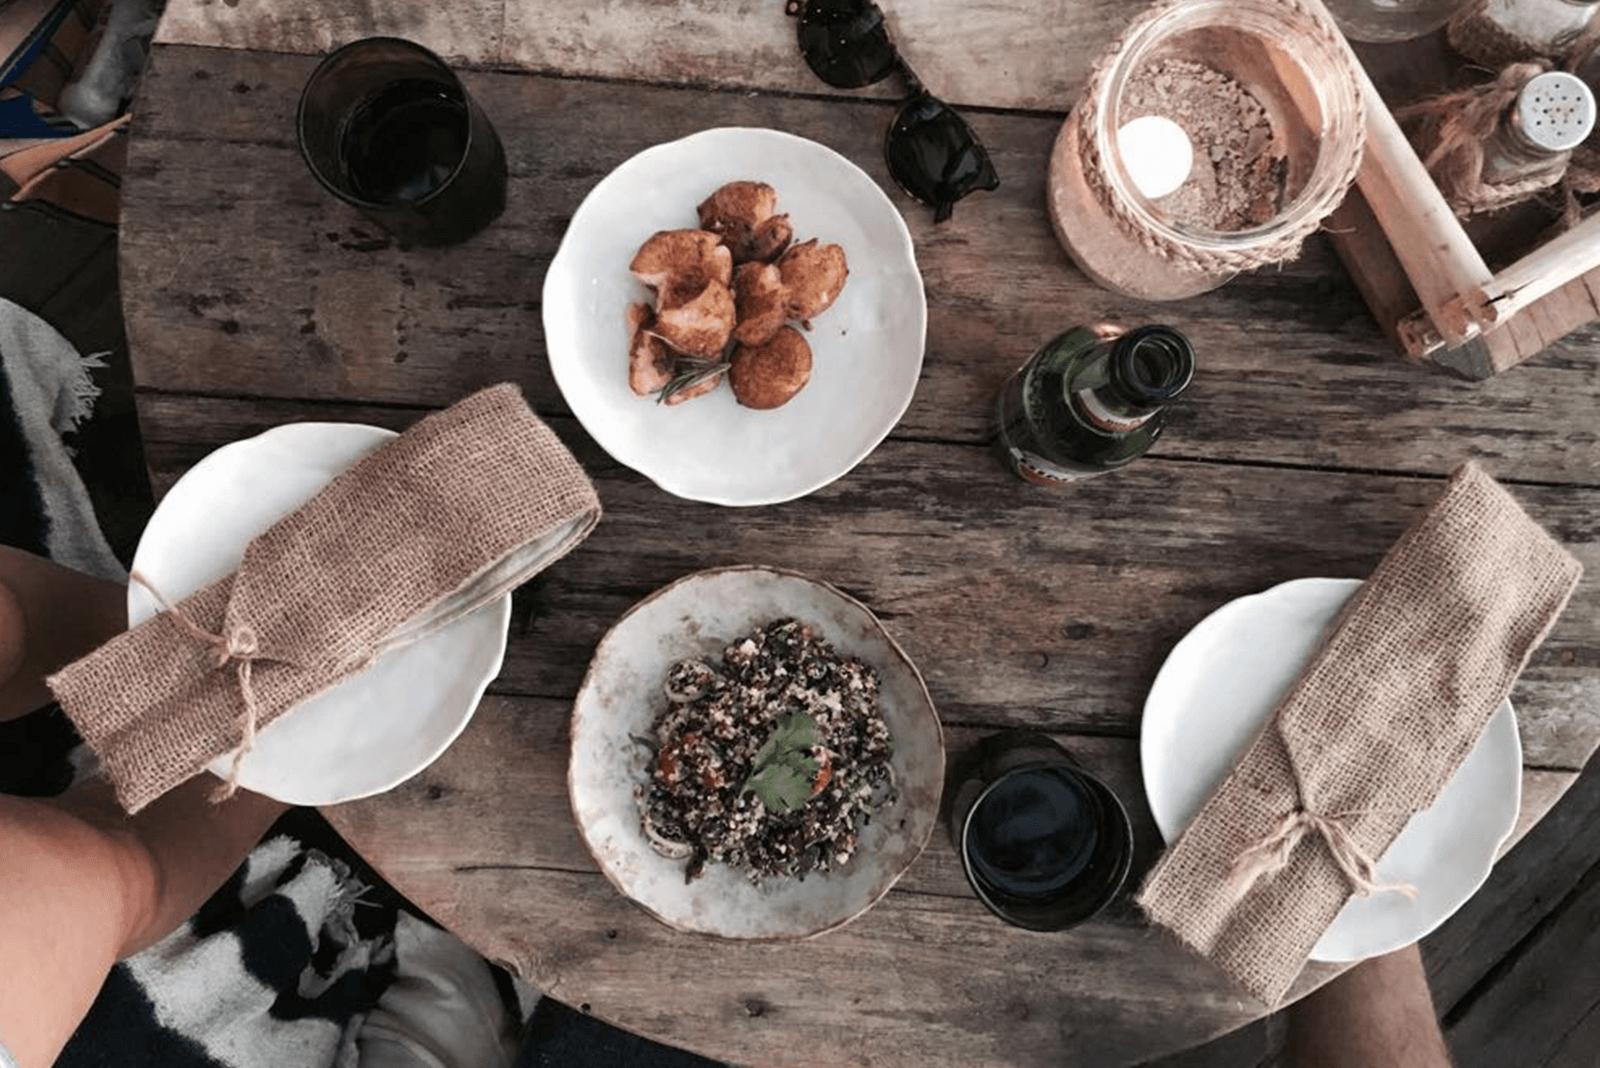 Dit zijn de Weekend Tips van 16, 17 en 18 Maart. Breng jij een bezoekje aan het wijnfestival van Amsterdam? Ga je op z'n Amerikaans brunchen bij Wyers of wijn proeven bij Bistro Berlage of Vrijbrucht? Ook wordt St. Patrick's Day landelijk gevierd, genoeg op de planning dus!